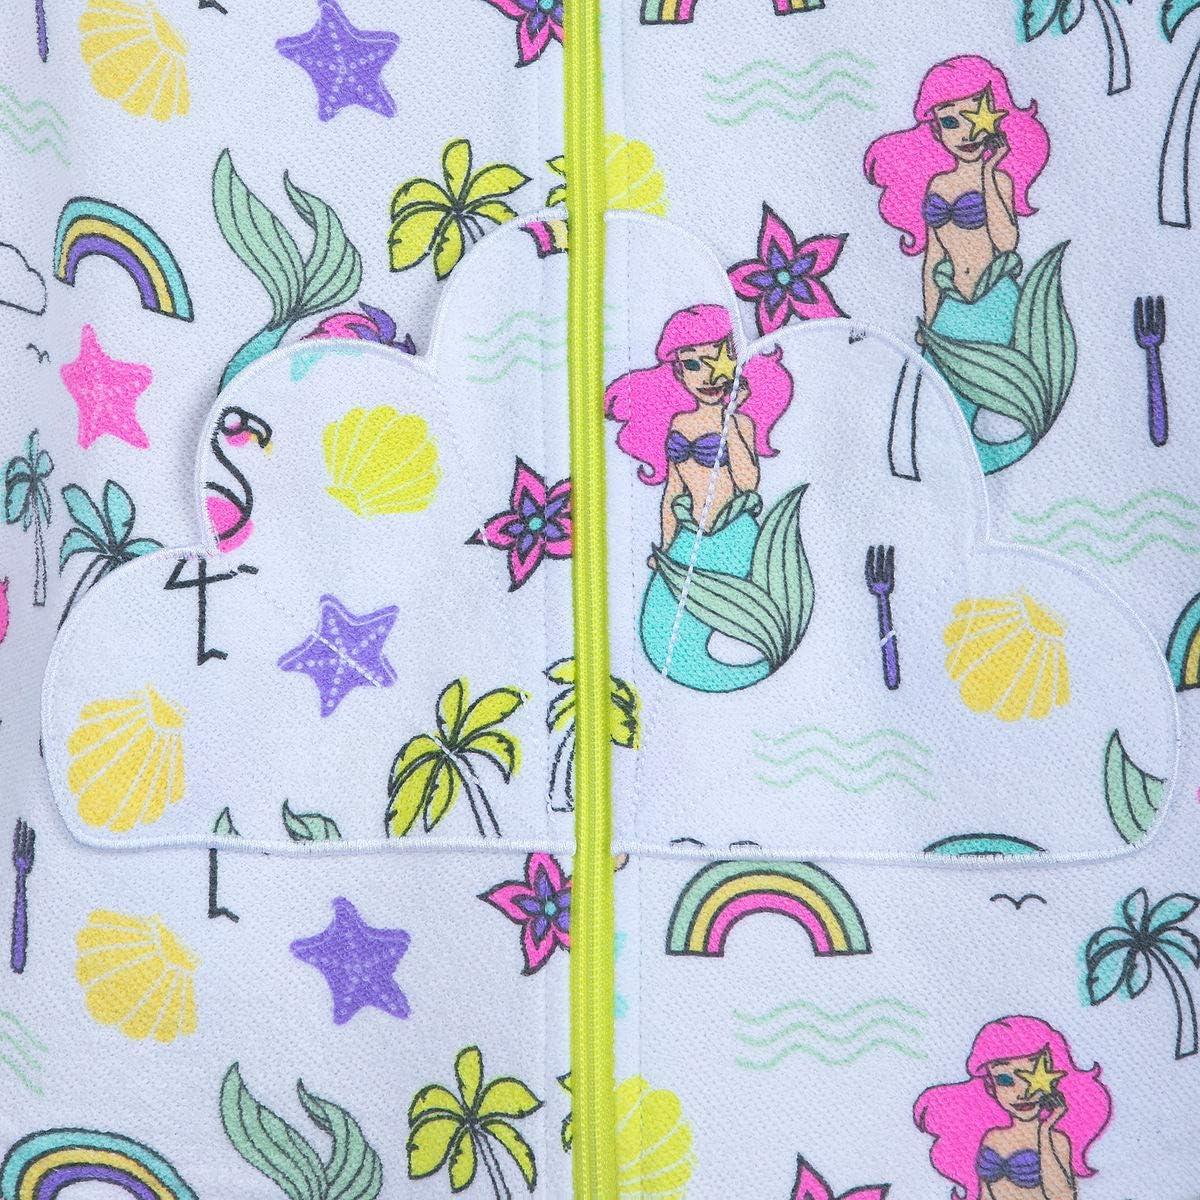 Disney Ariel Swim Coverup for Girls The Little Mermaid White